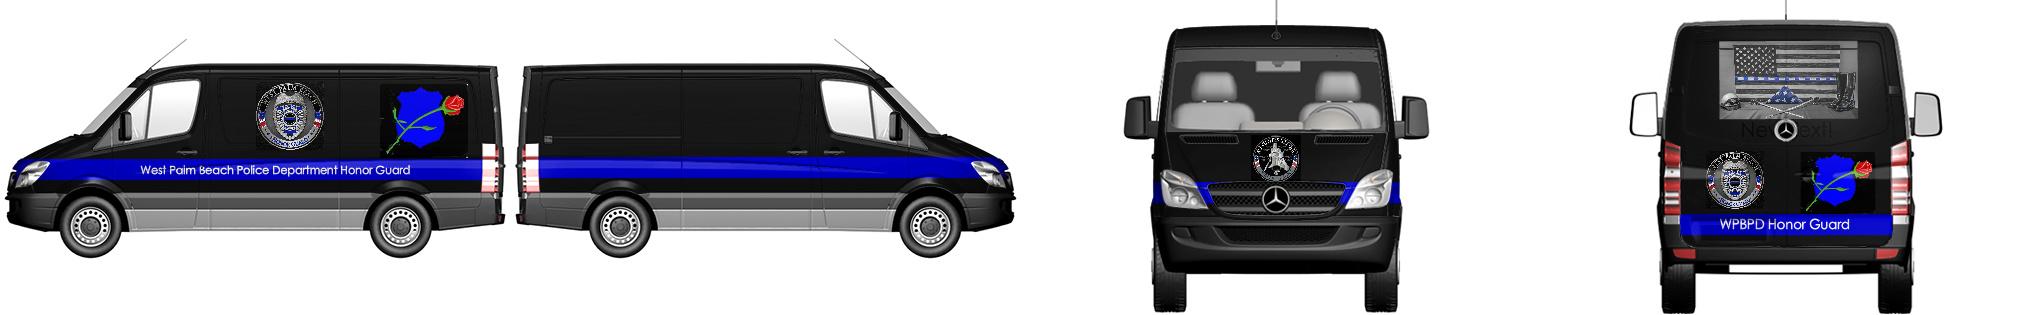 Van Wrap #53281